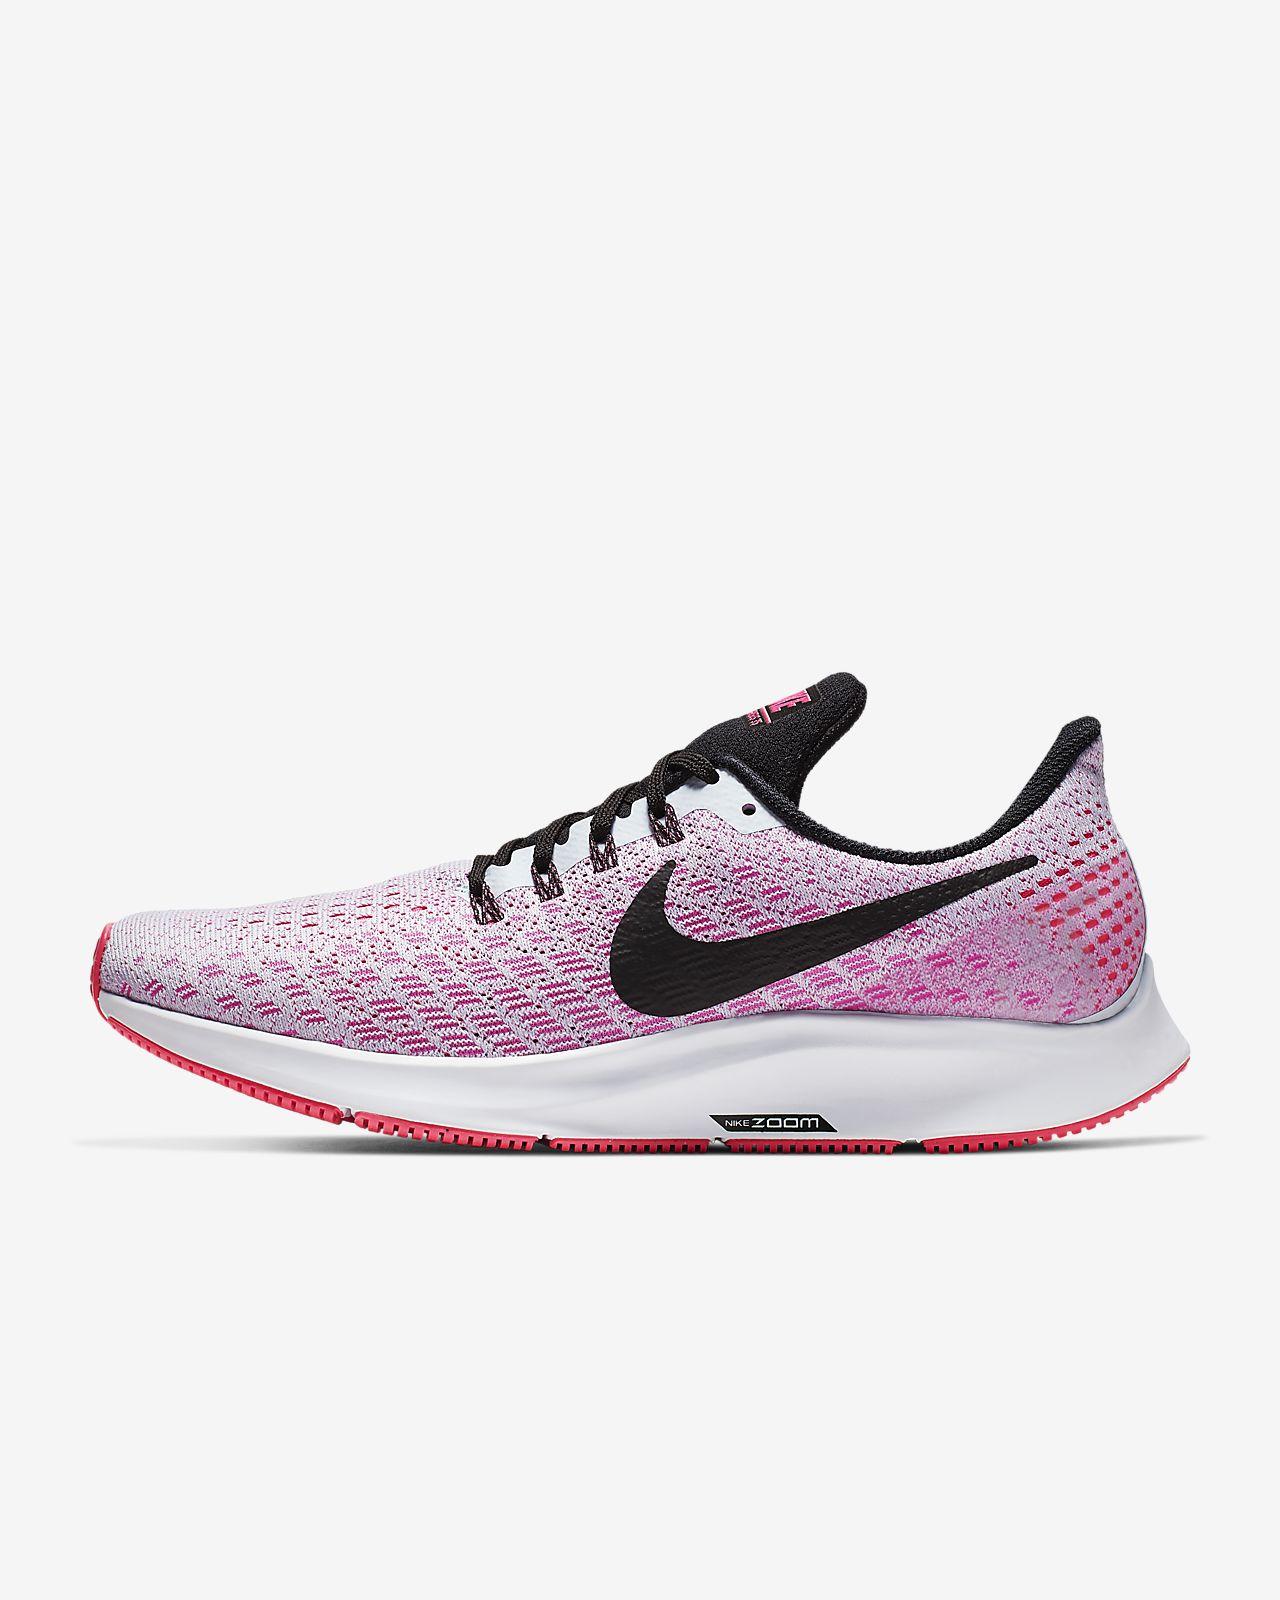 7a0dca090f641 Nike Air Zoom Pegasus 35 Damen-Laufschuh. Nike.com AT